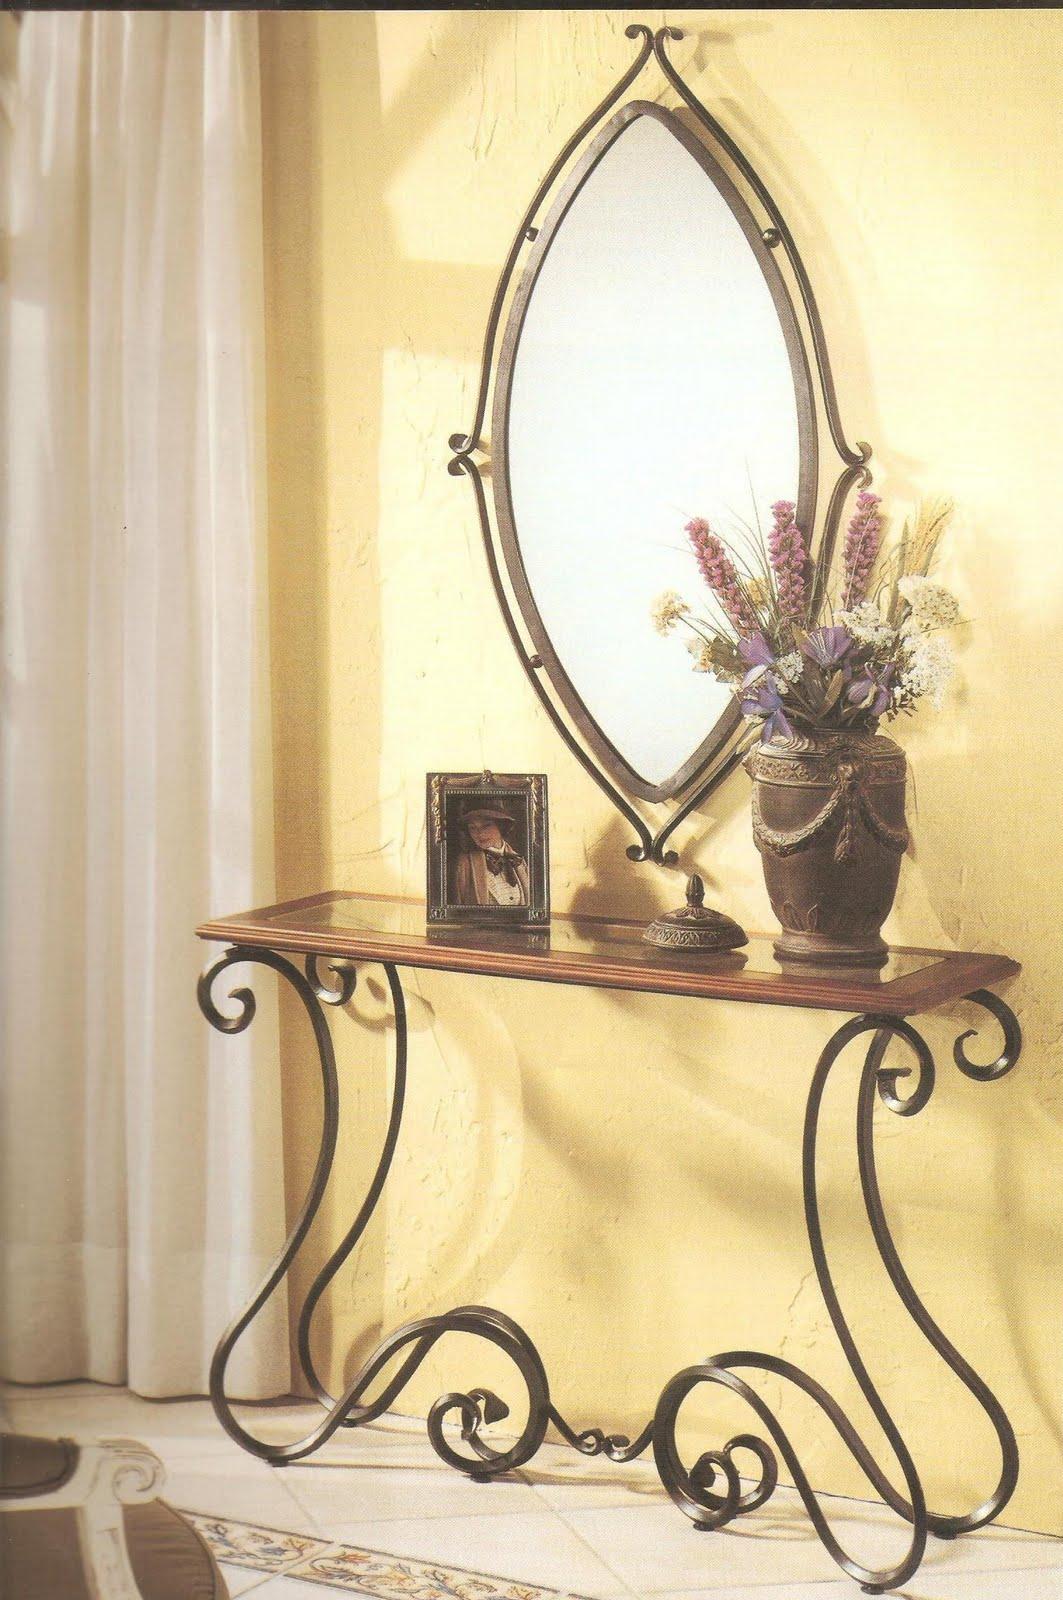 imagenes de muebles en hierro forjado y madera - Alarga la vida de tus muebles de jardín · ElMueble